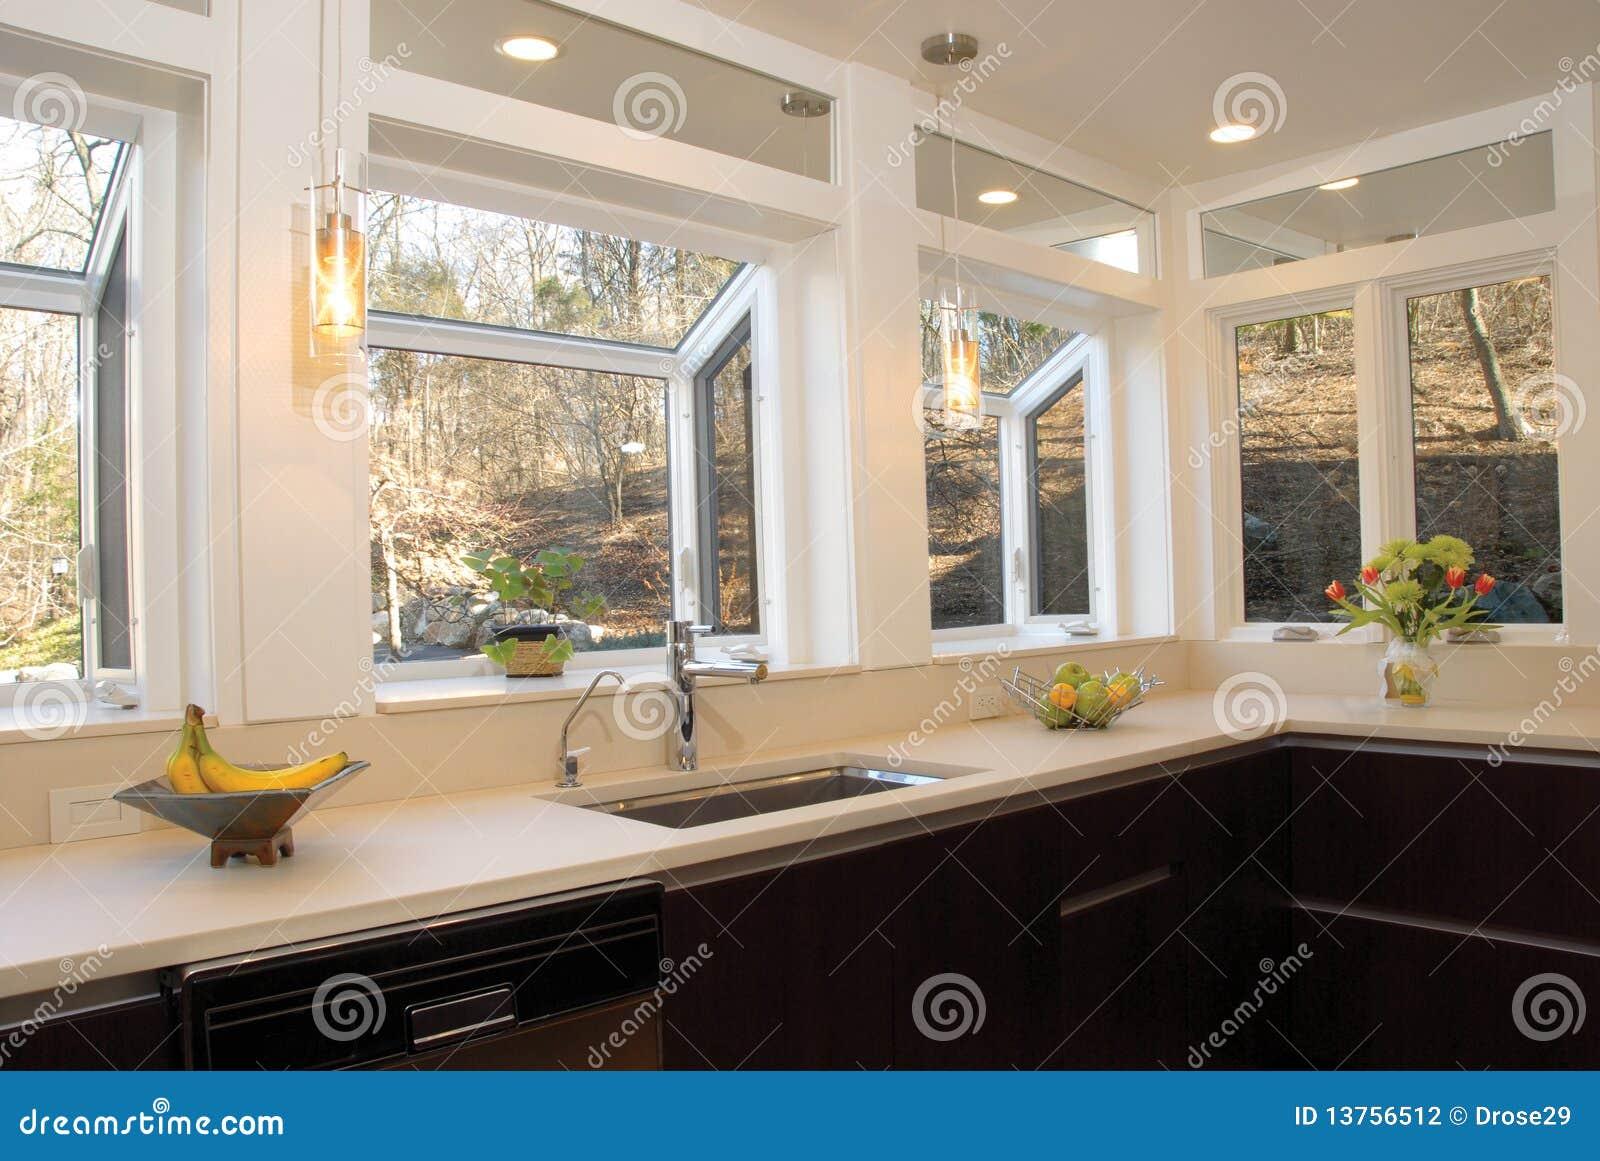 Encimera de la cocina con muchas ventanas foto de archivo for Fenetre rectangulaire cuisine